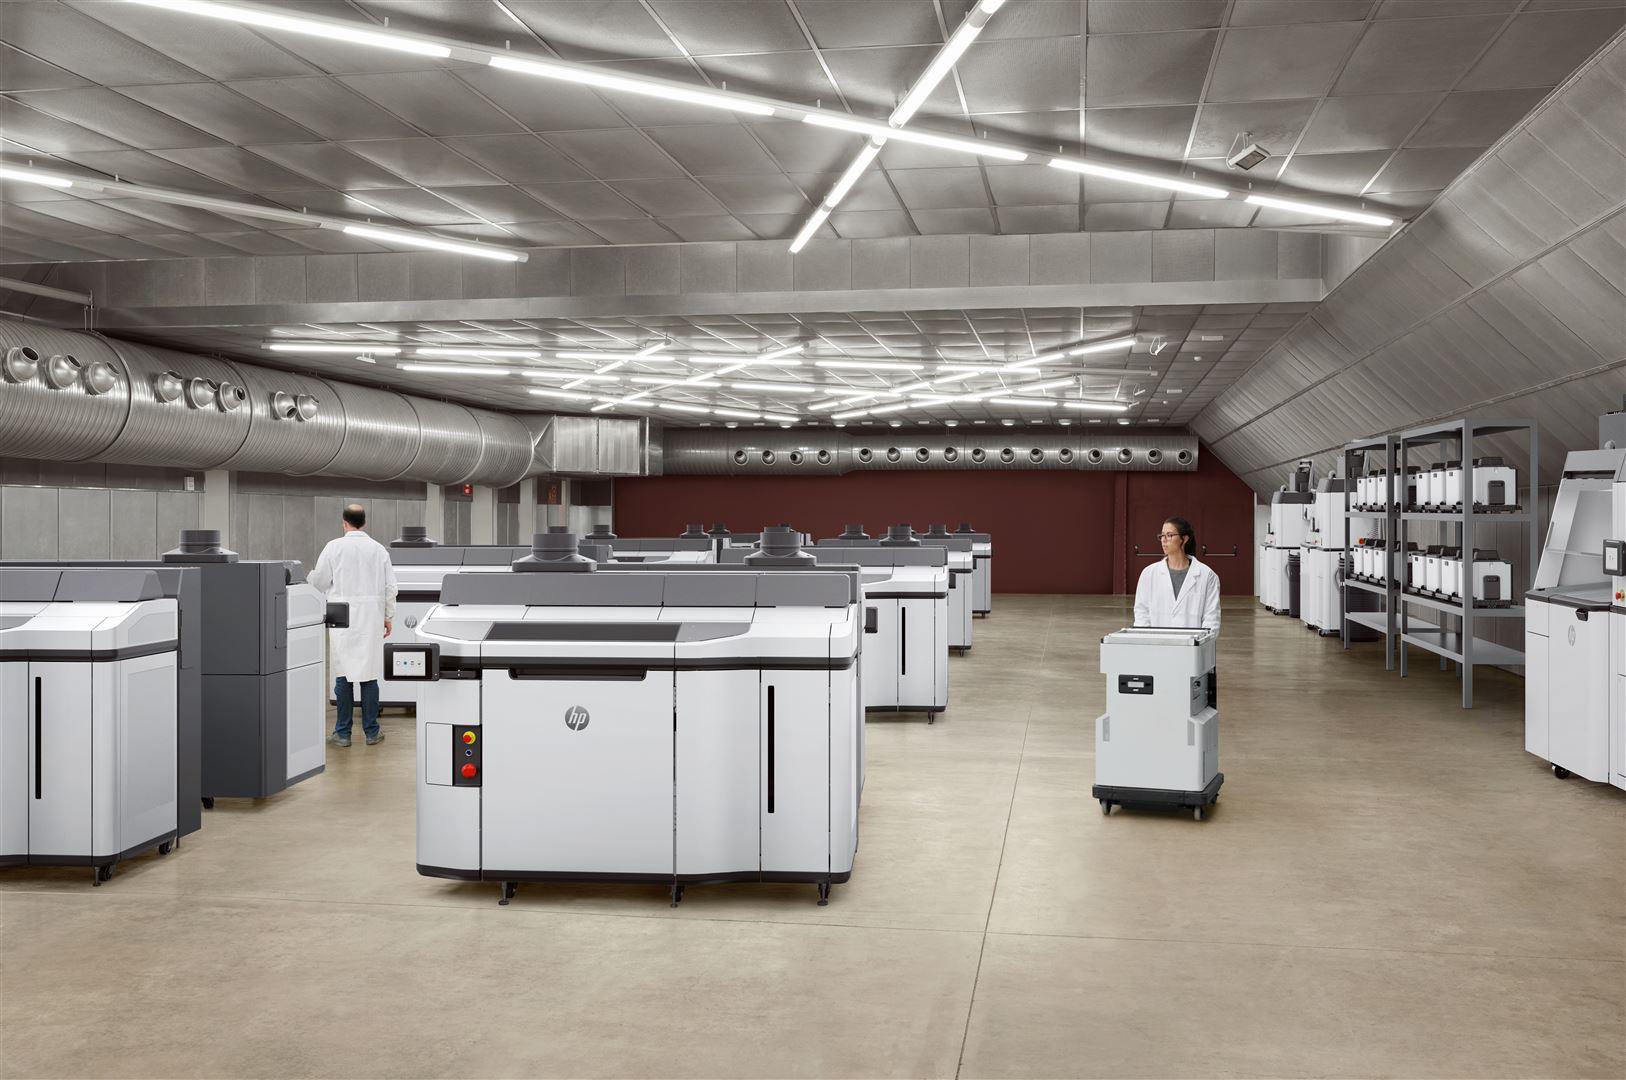 HP JF 5200 Drucker